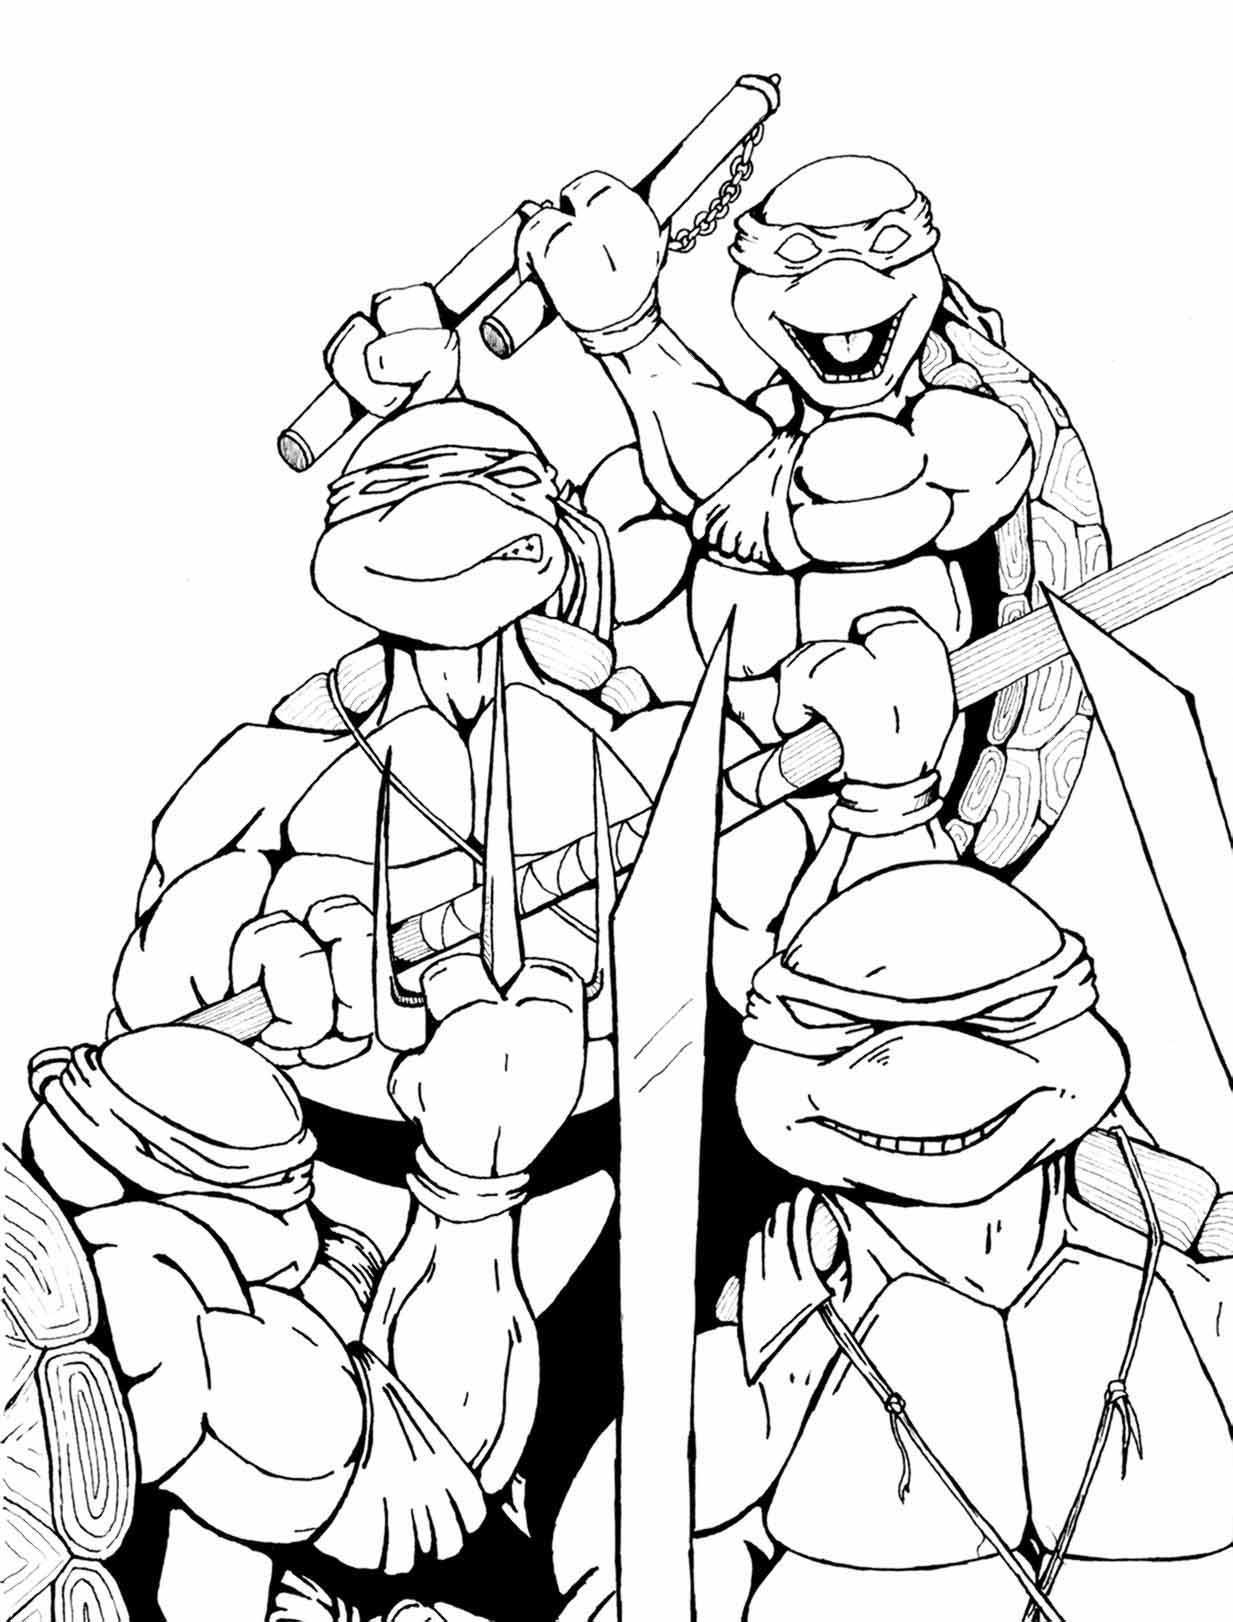 Line Art Ninja Turtles : Ninja turtles by petex on deviantart